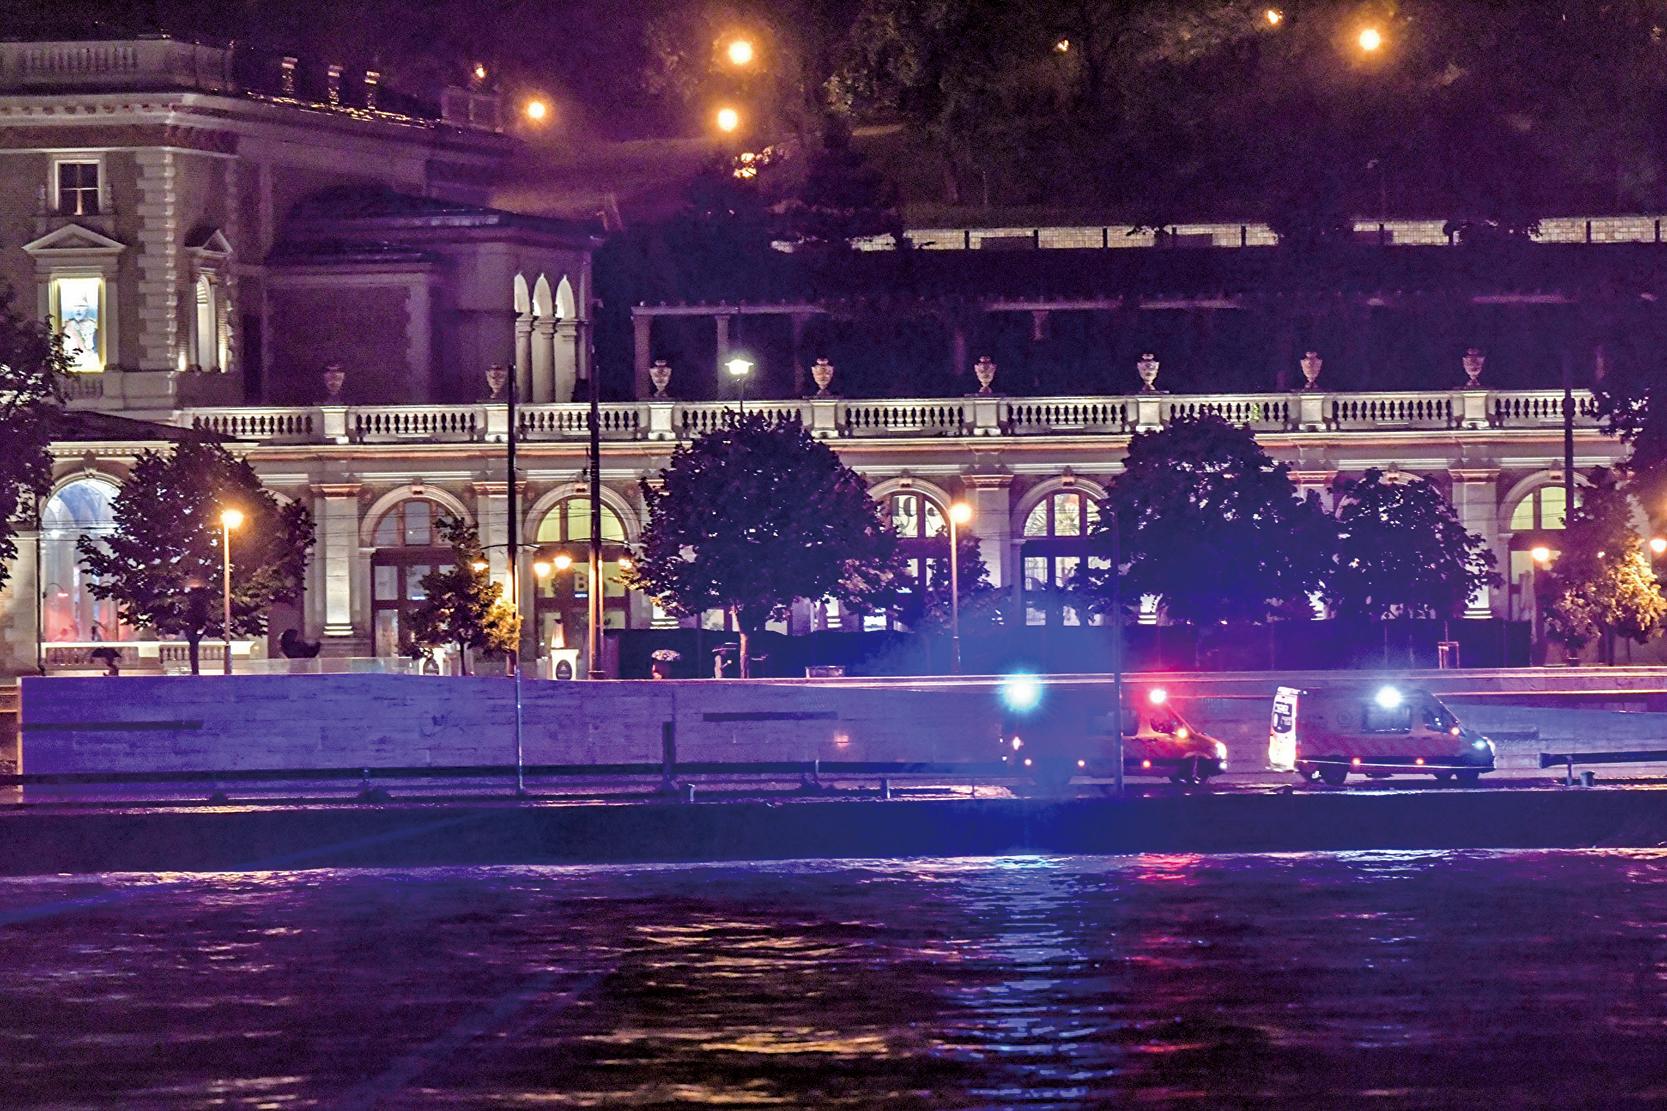 多瑙河上一載有南韓遊客的觀光船與另一船相撞。造成7人死亡、21人失蹤。圖為多瑙河沿岸的搜救隊伍。(AFP)